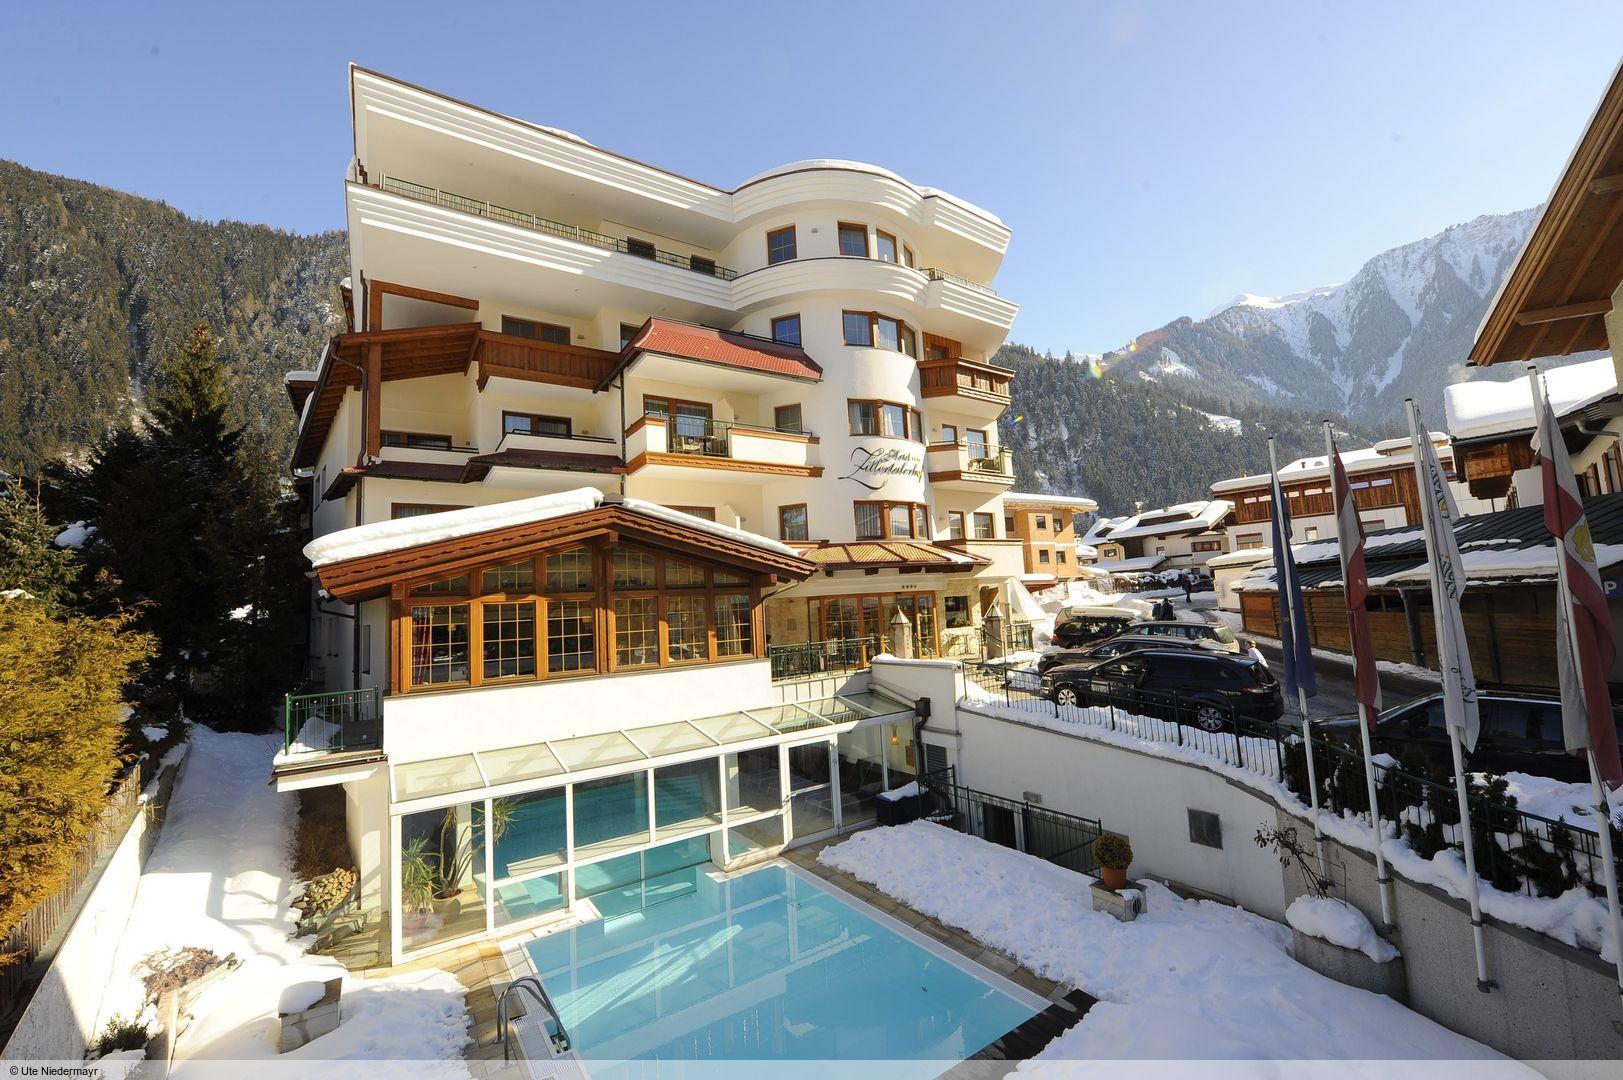 Slide1 - Zillertalerhof Alpine Hideaway